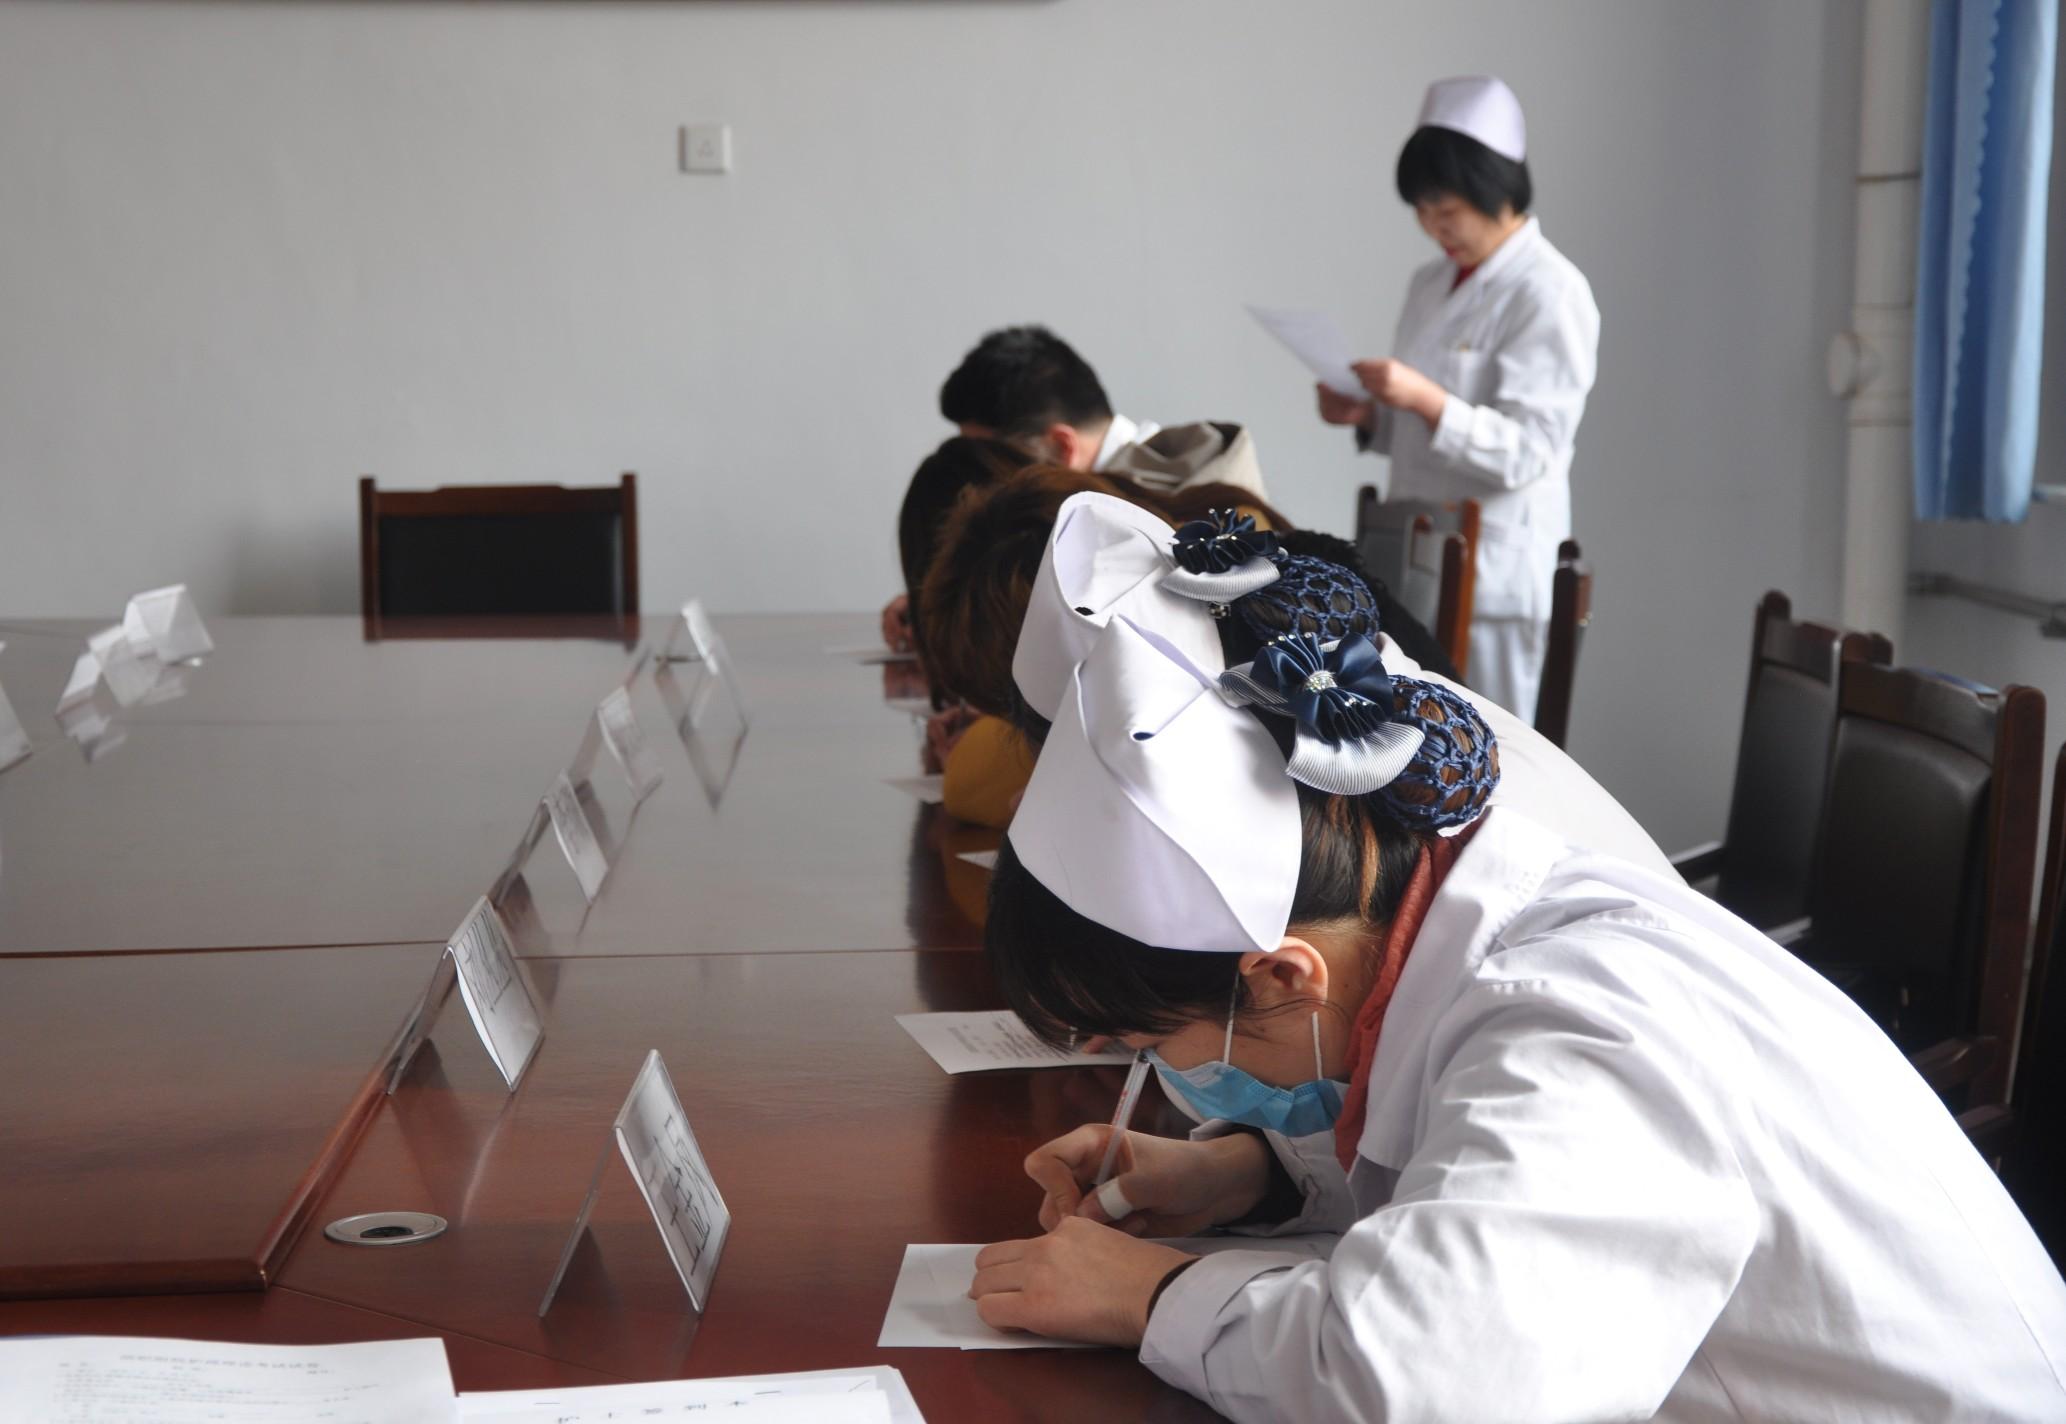 成考本科护理专业可以报考护士资格证吗?